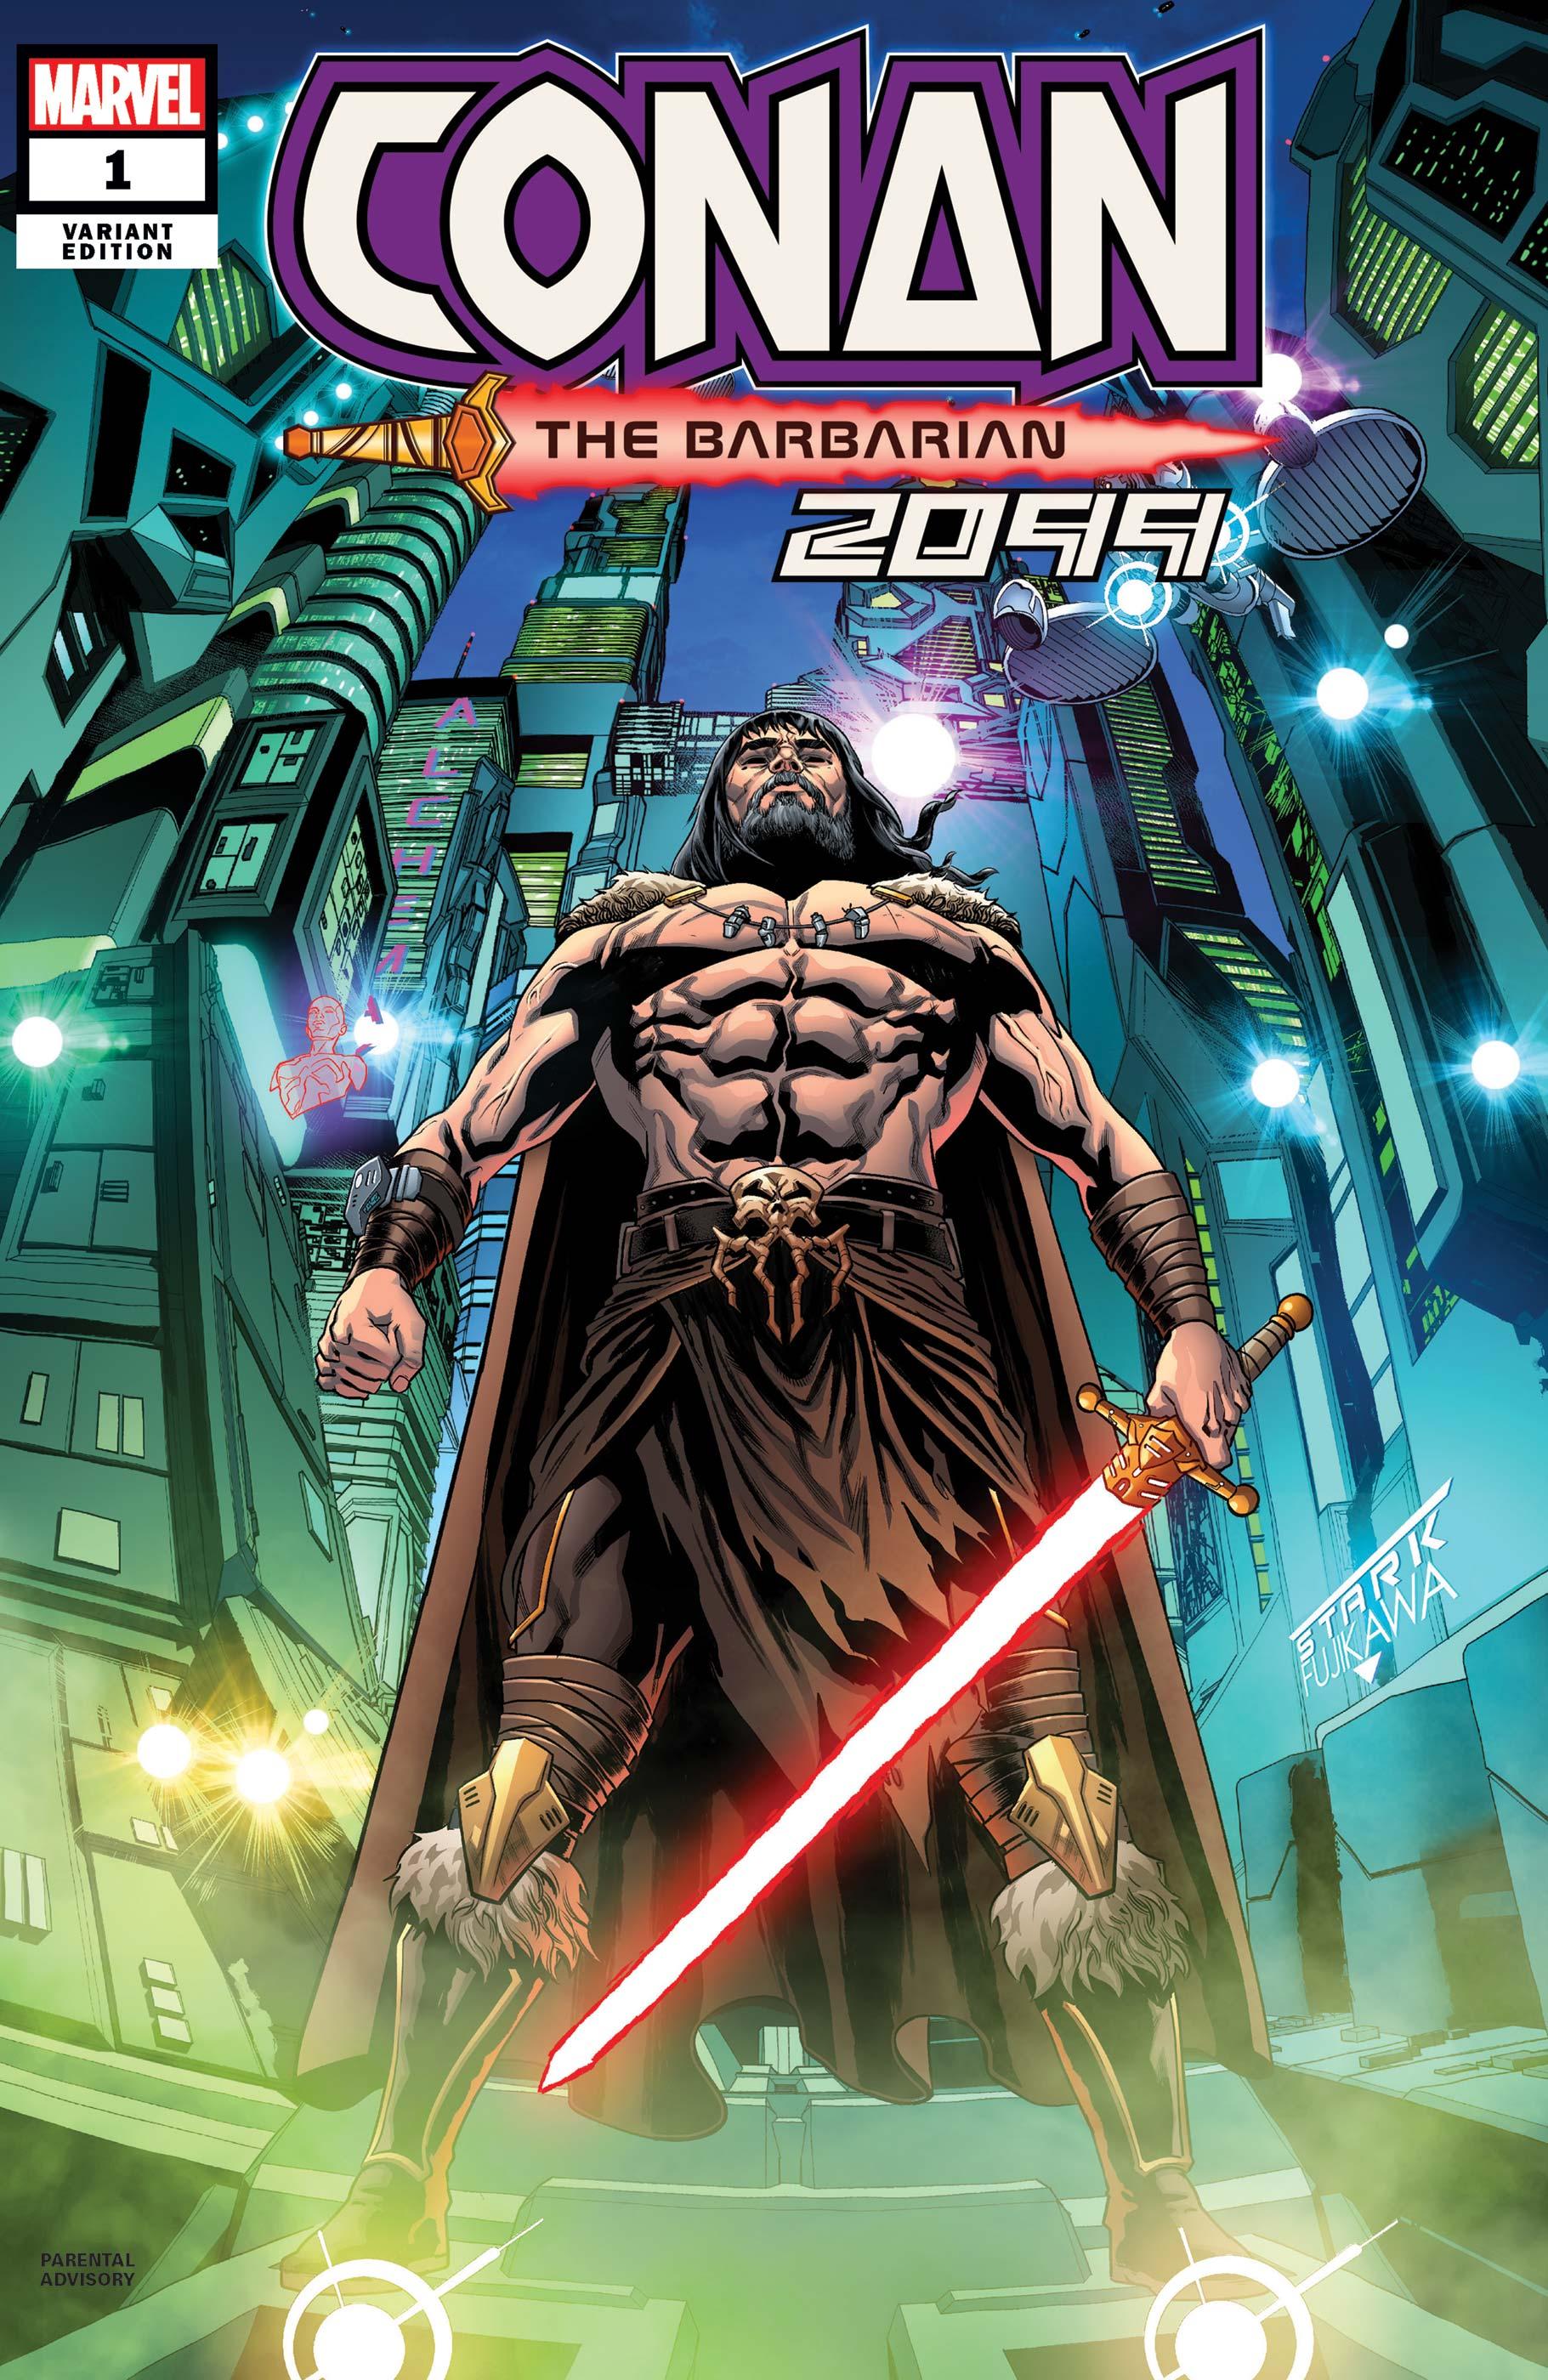 Conan 2099 (2019) #1 (Variant)